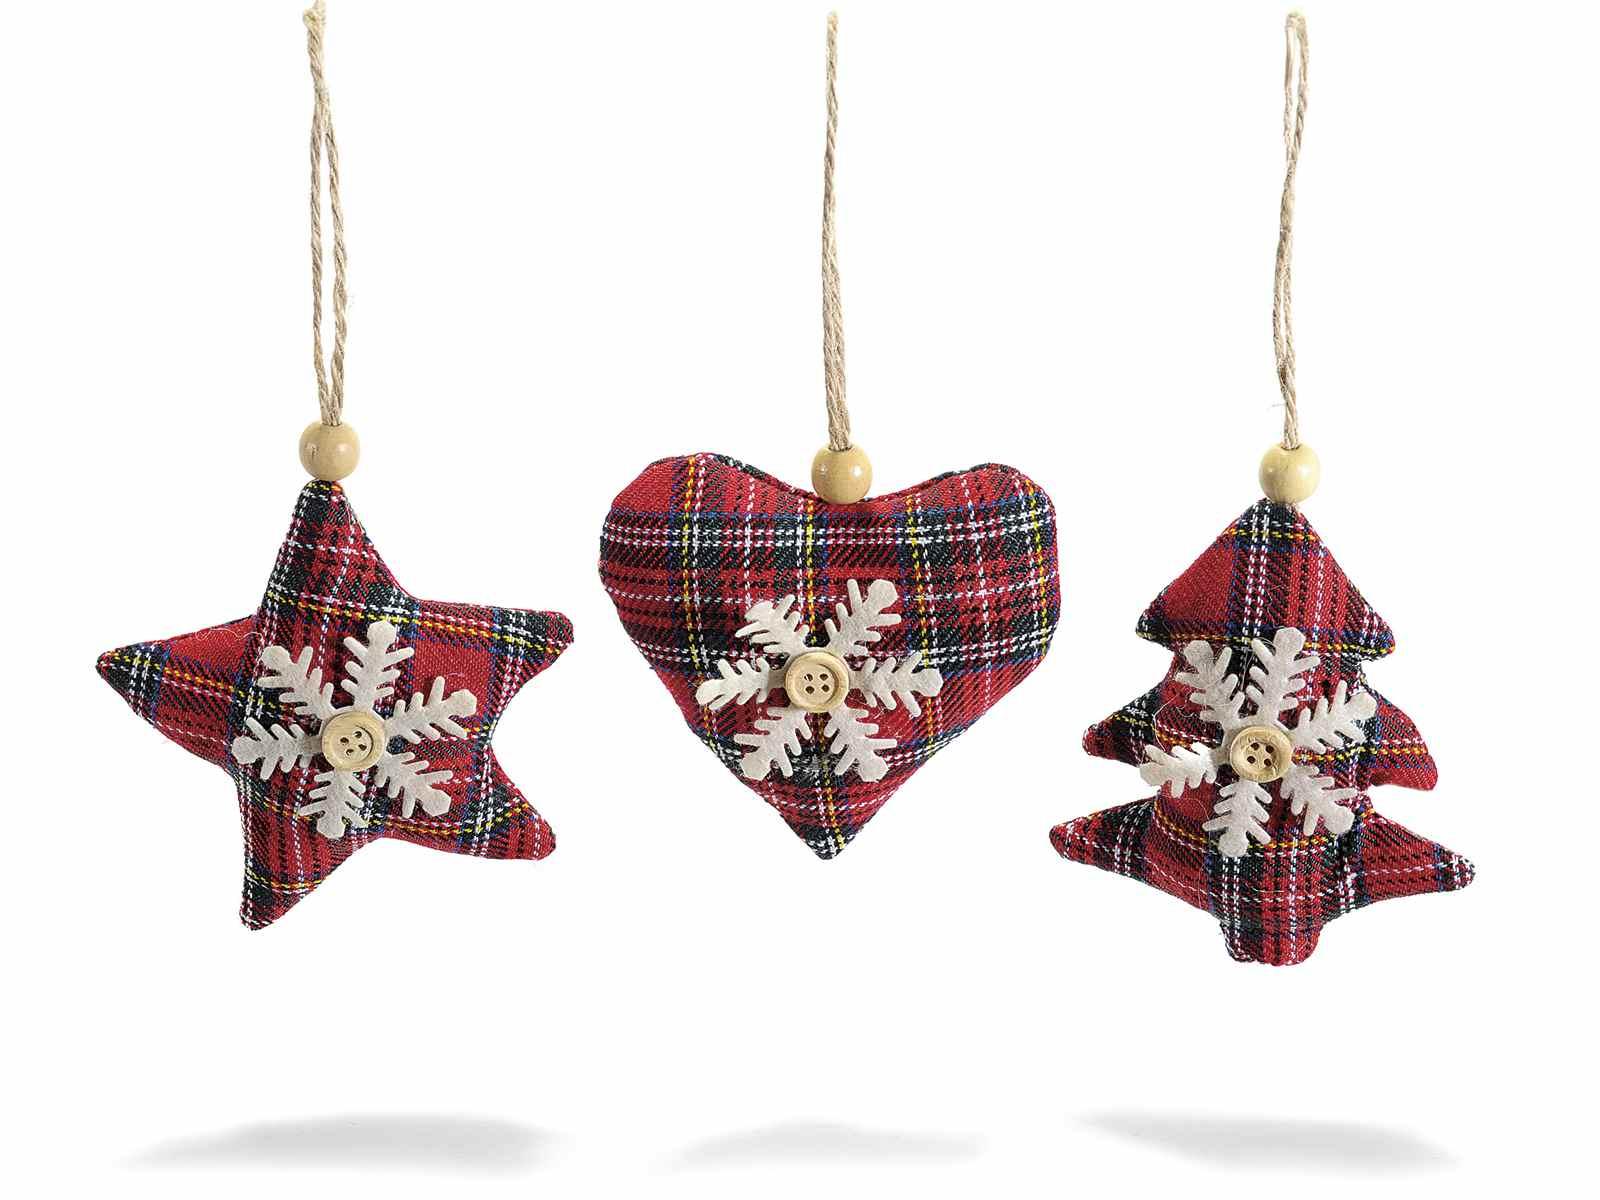 Amato Decorazione in stoffa scozzese imbottita da appendere (56.24.68  KK53